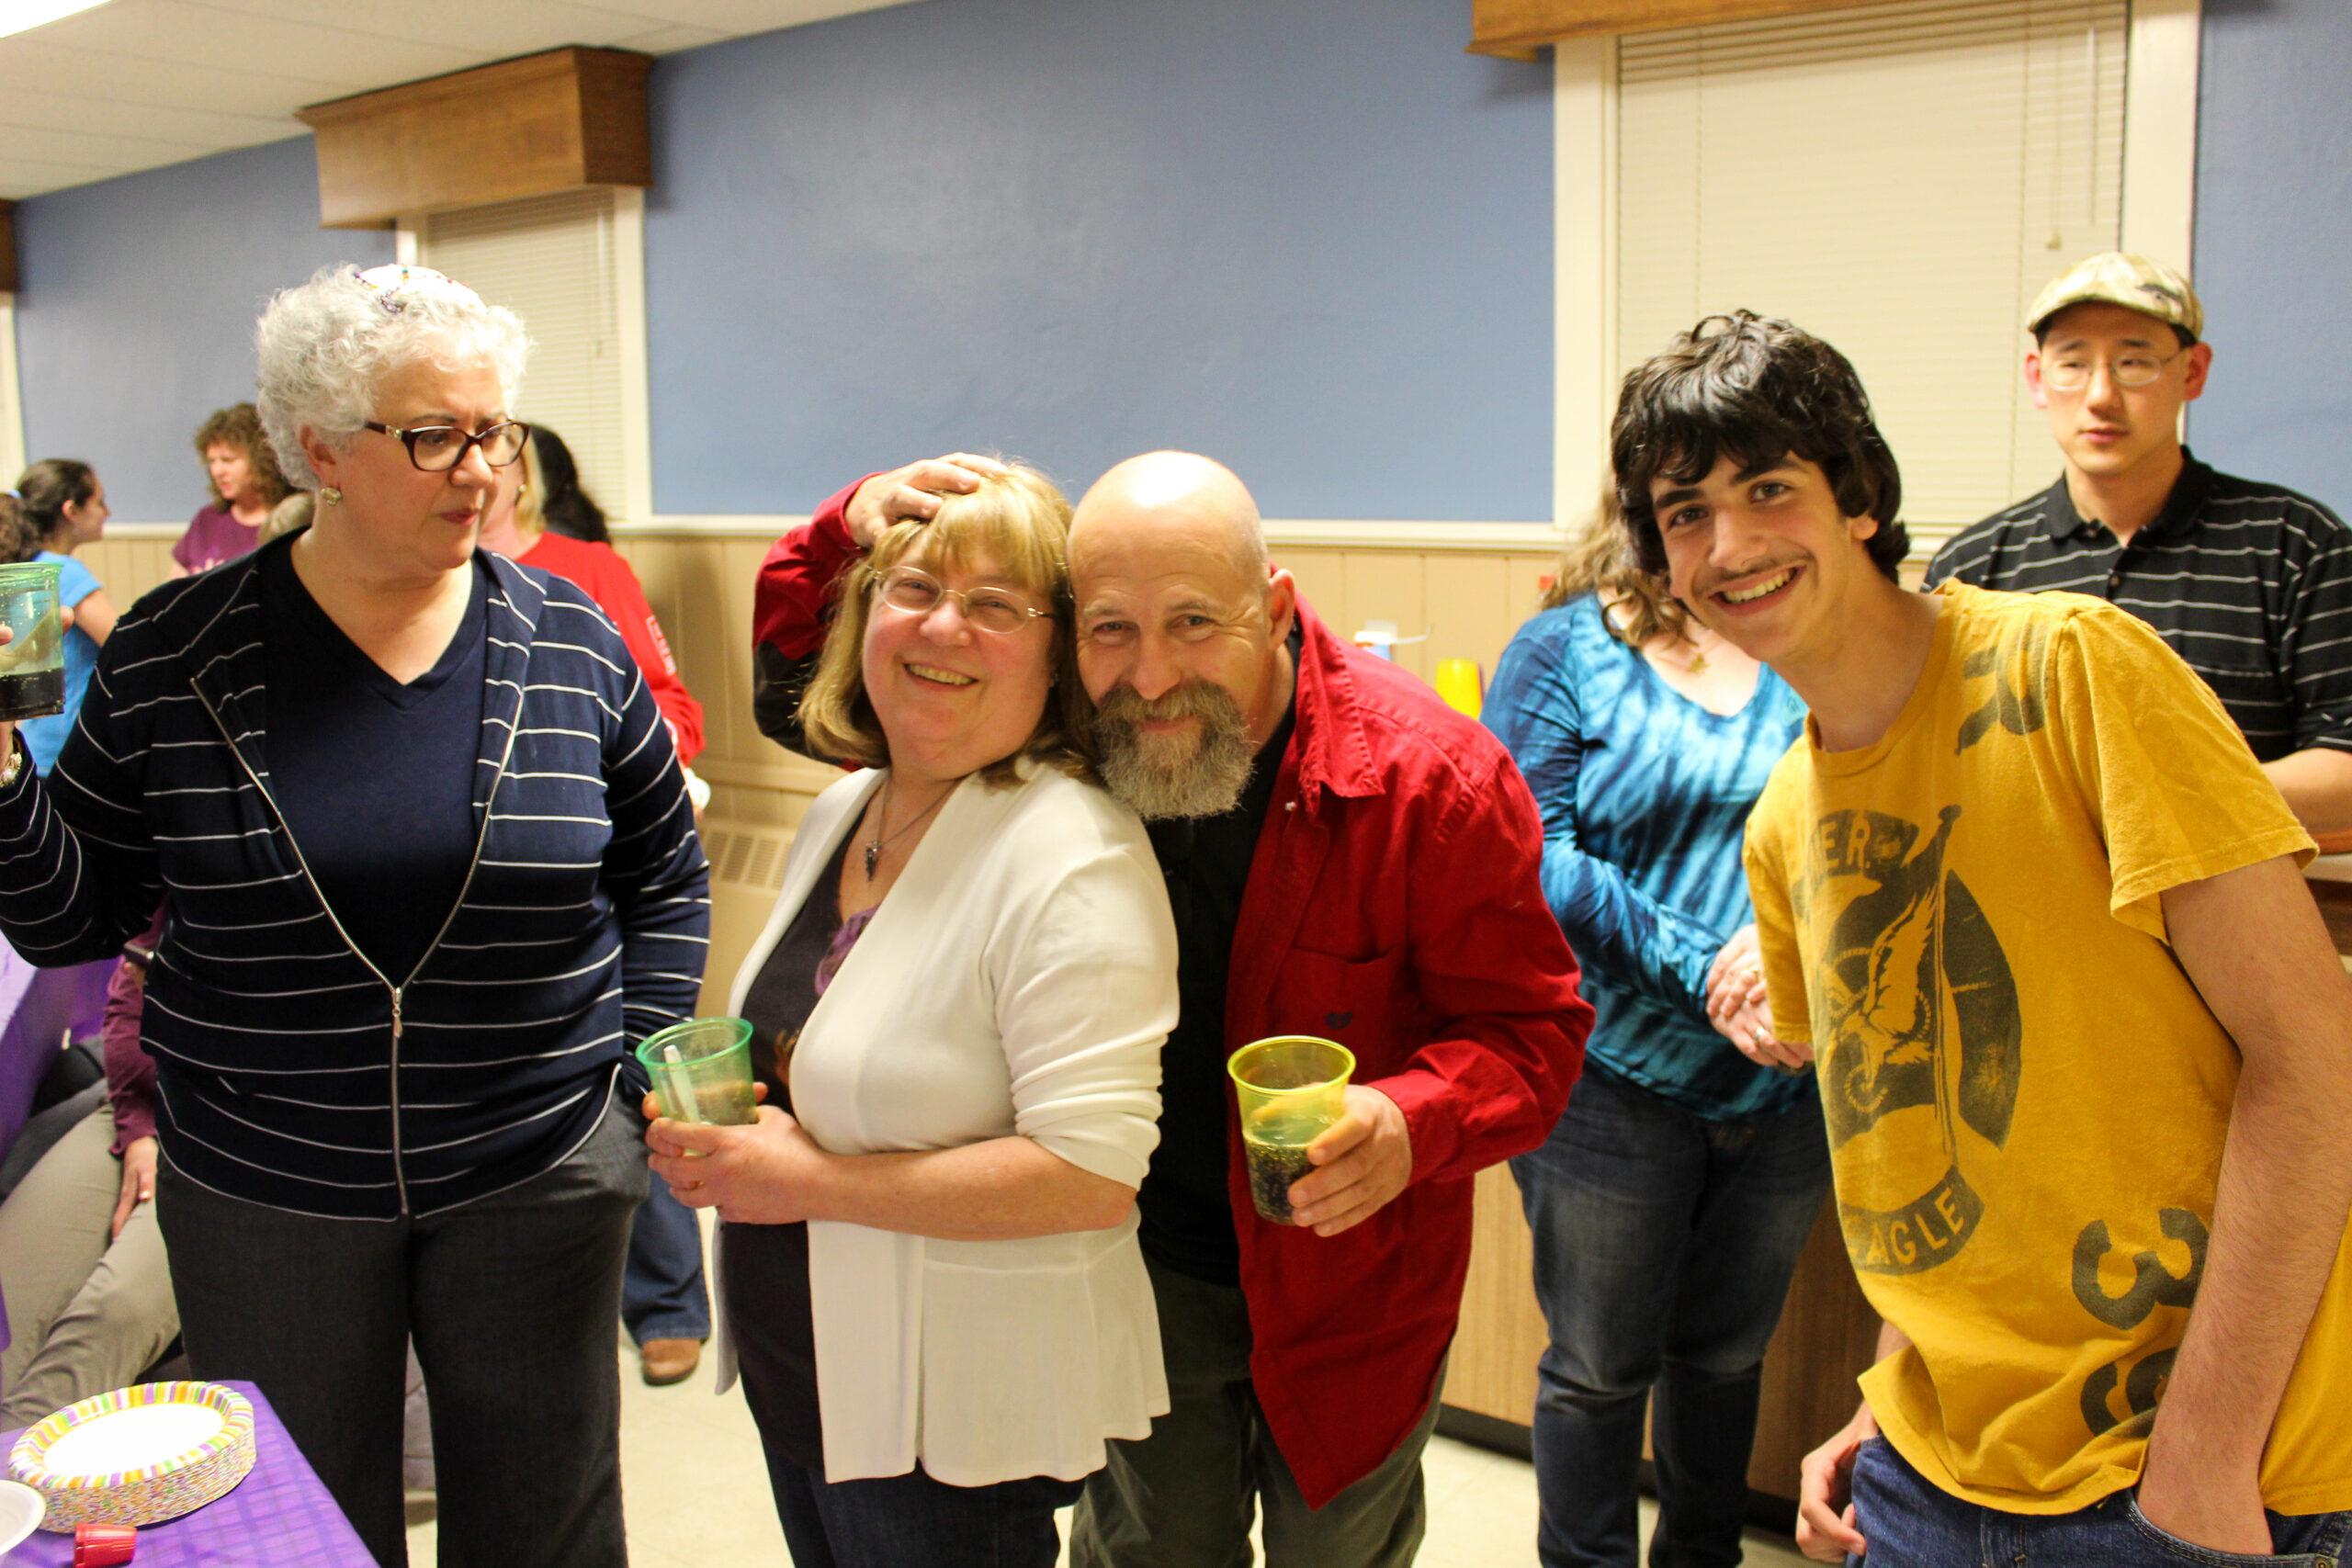 Rabbi Lewis, Iris Hirsch, Shelley Finkelstein and Jonathan